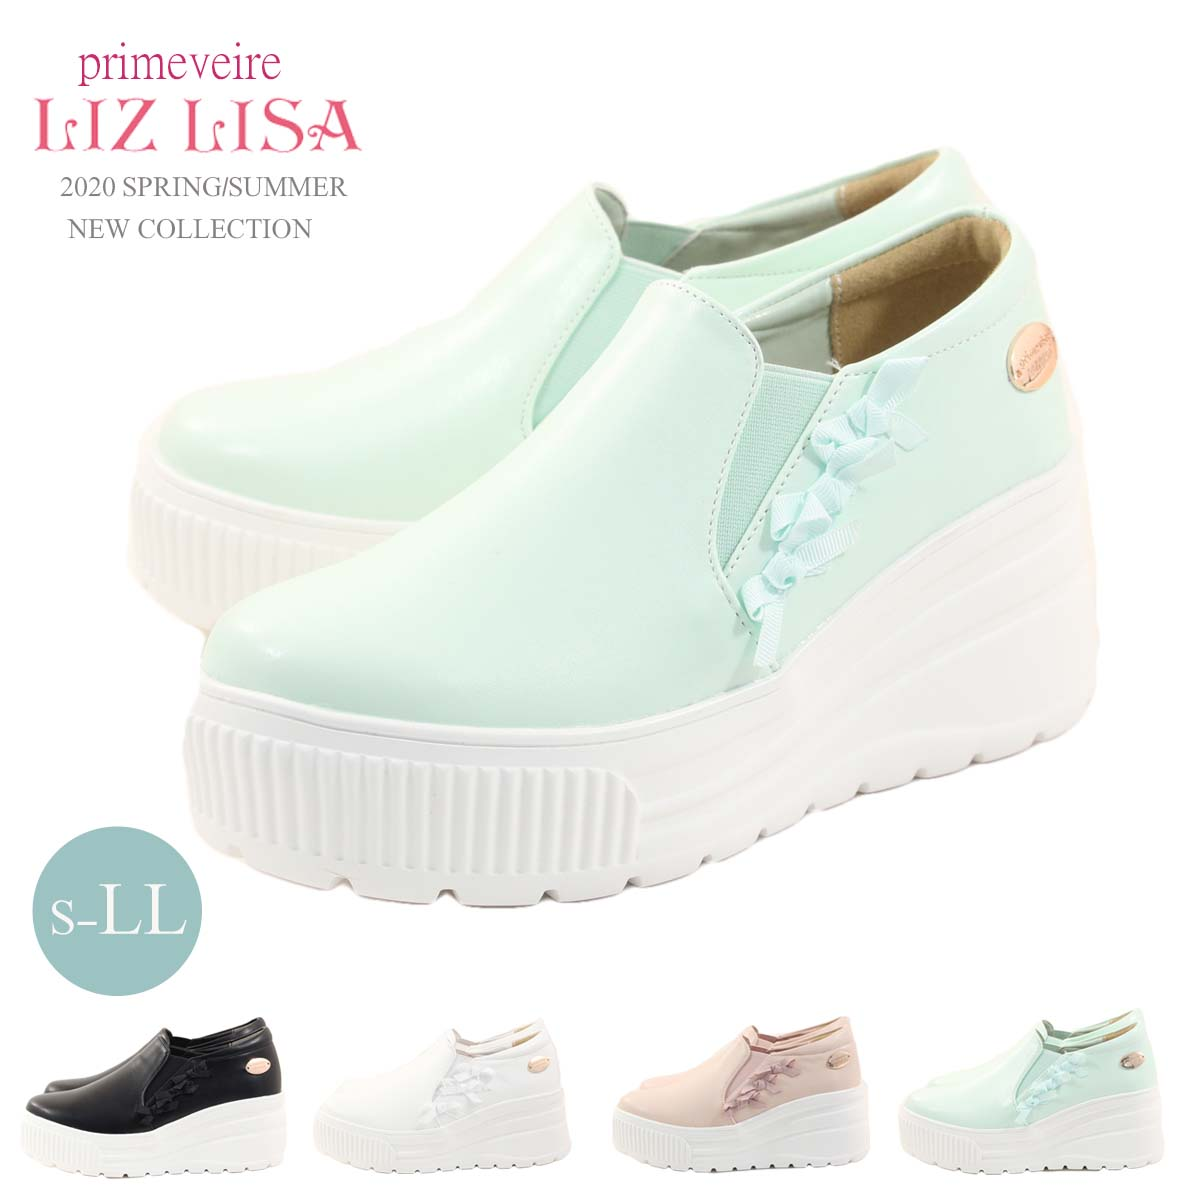 レディース靴, スニーカー primevere LIZ LISA plz1407